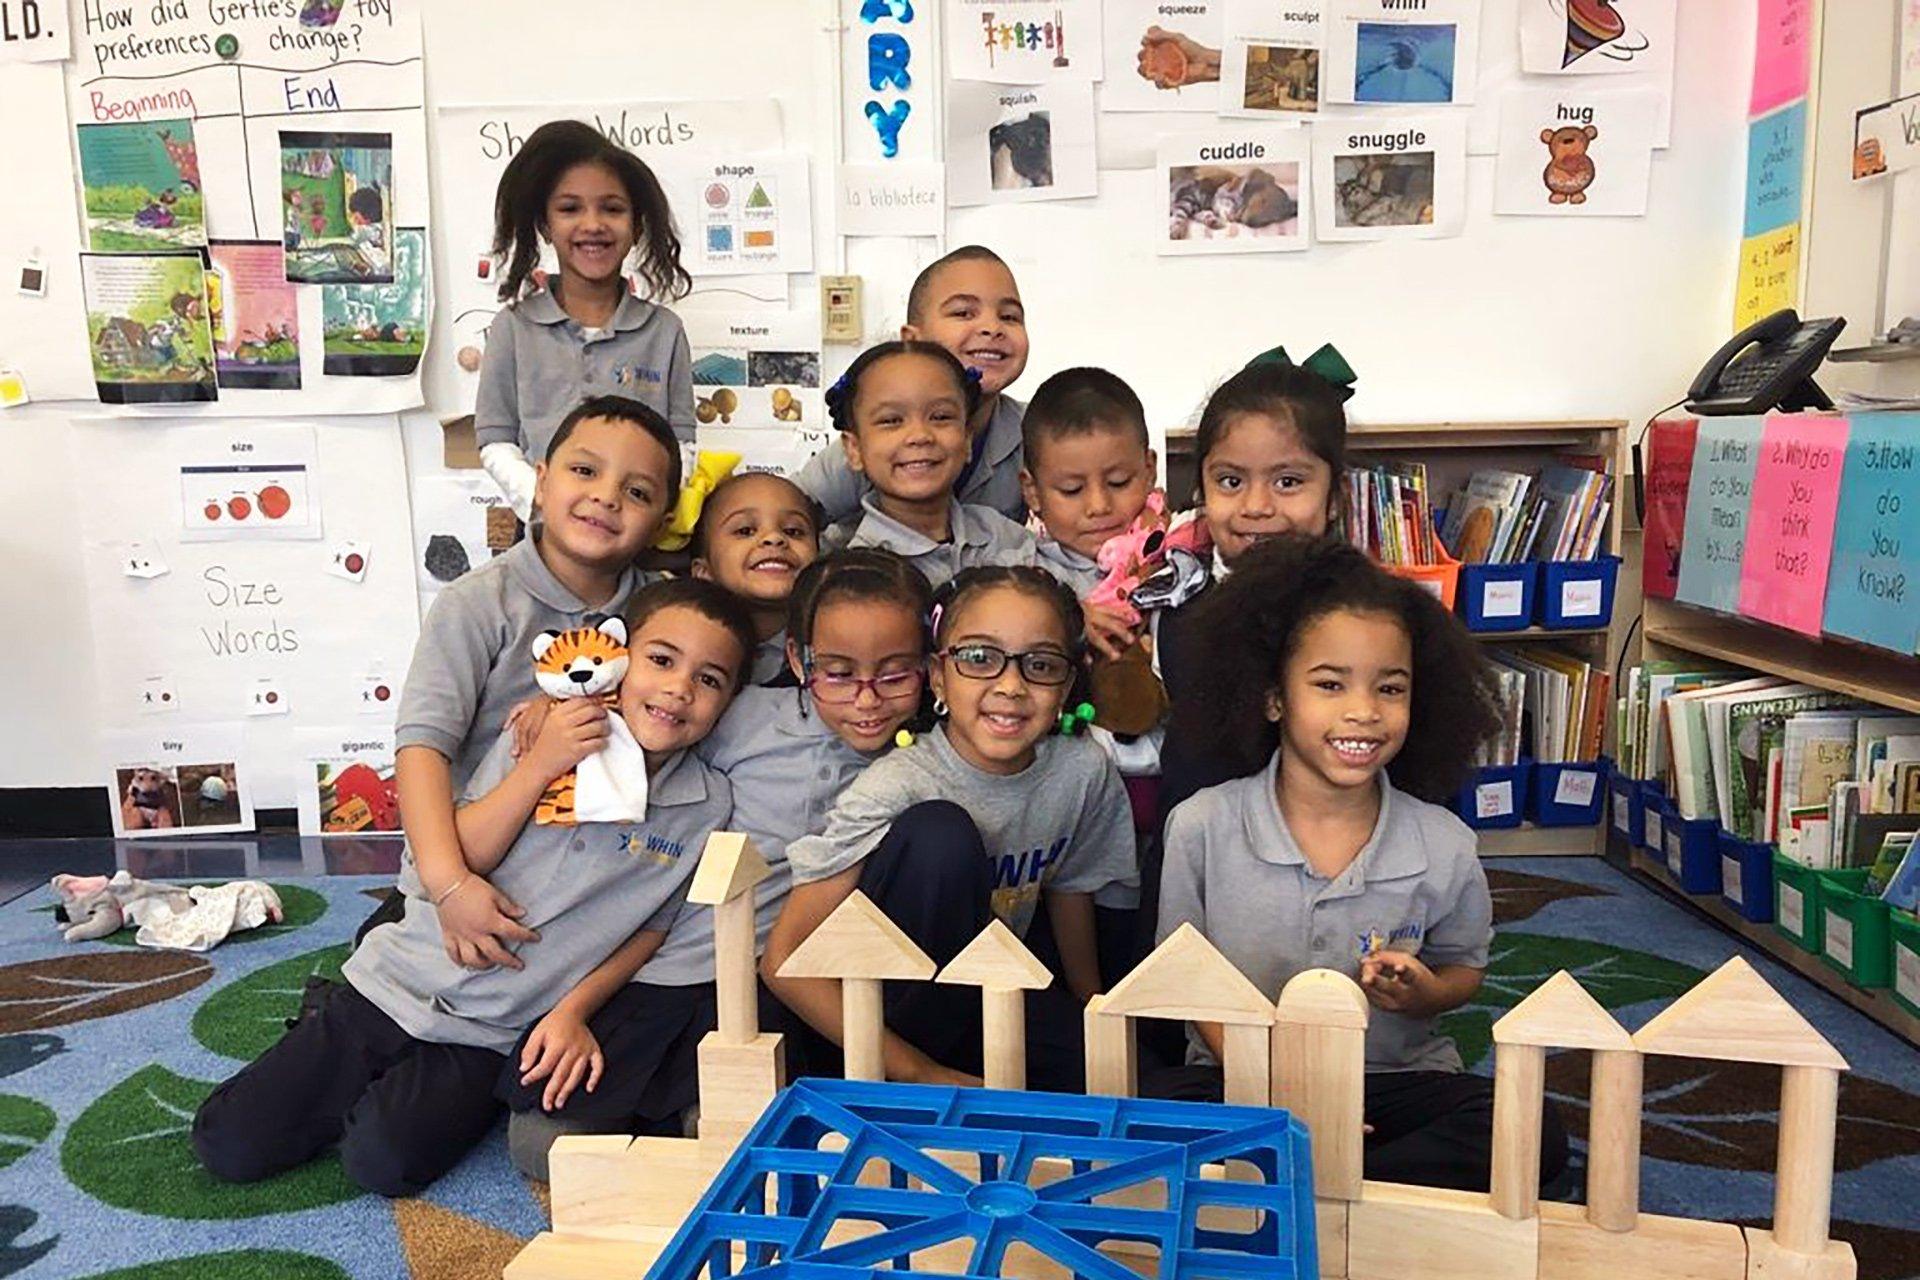 whin-classroom-children